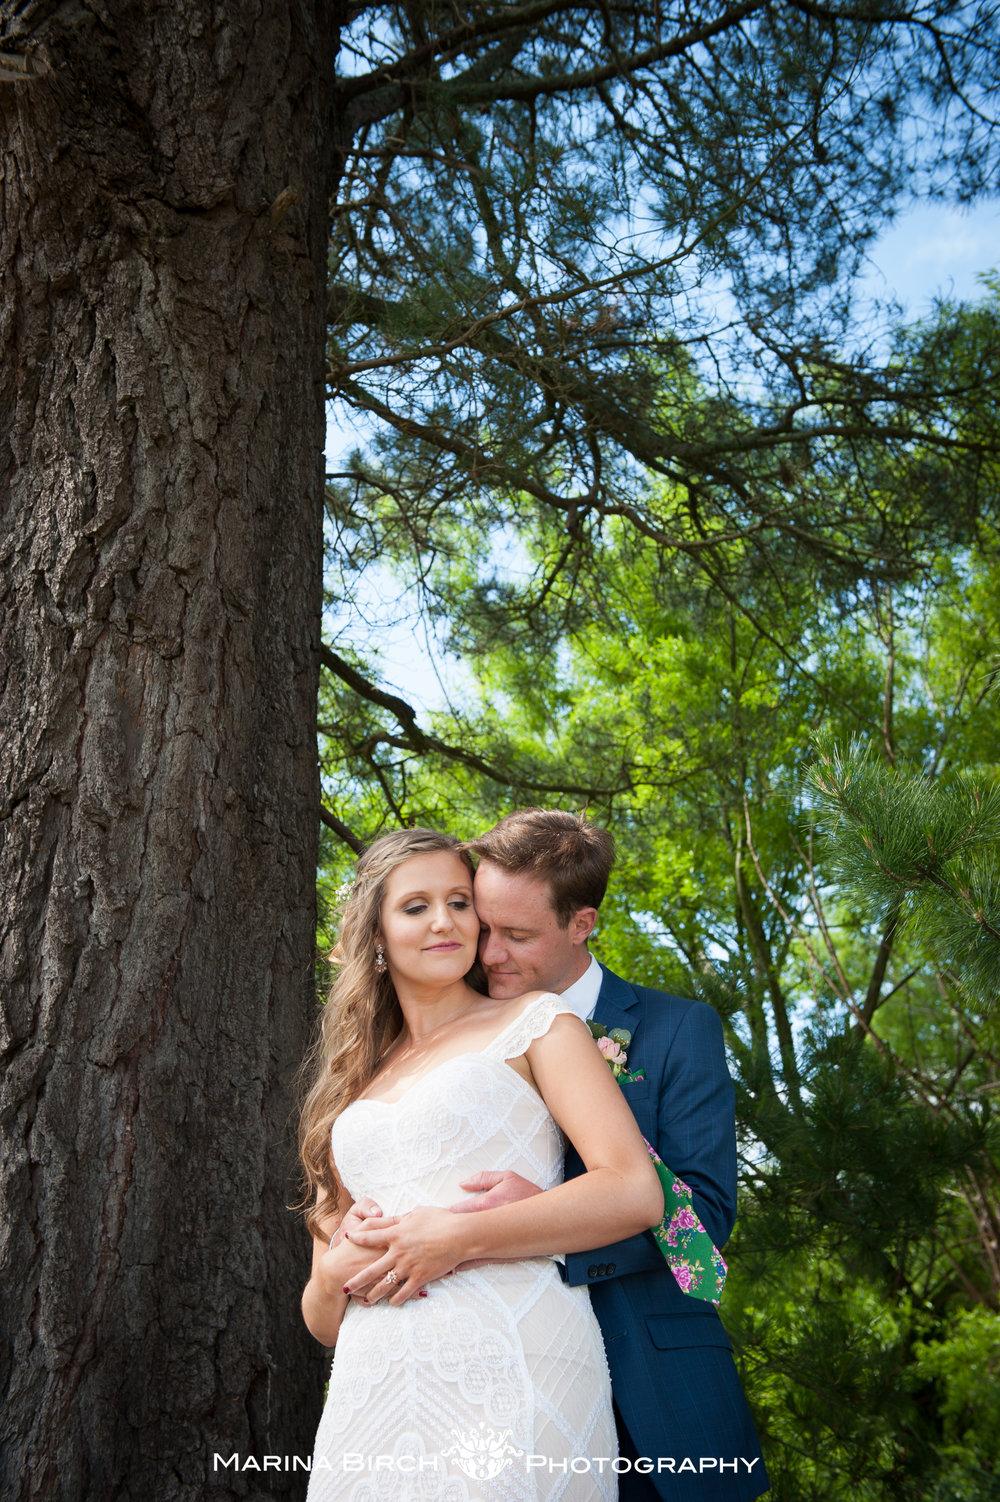 MBP.wedding -24.jpg